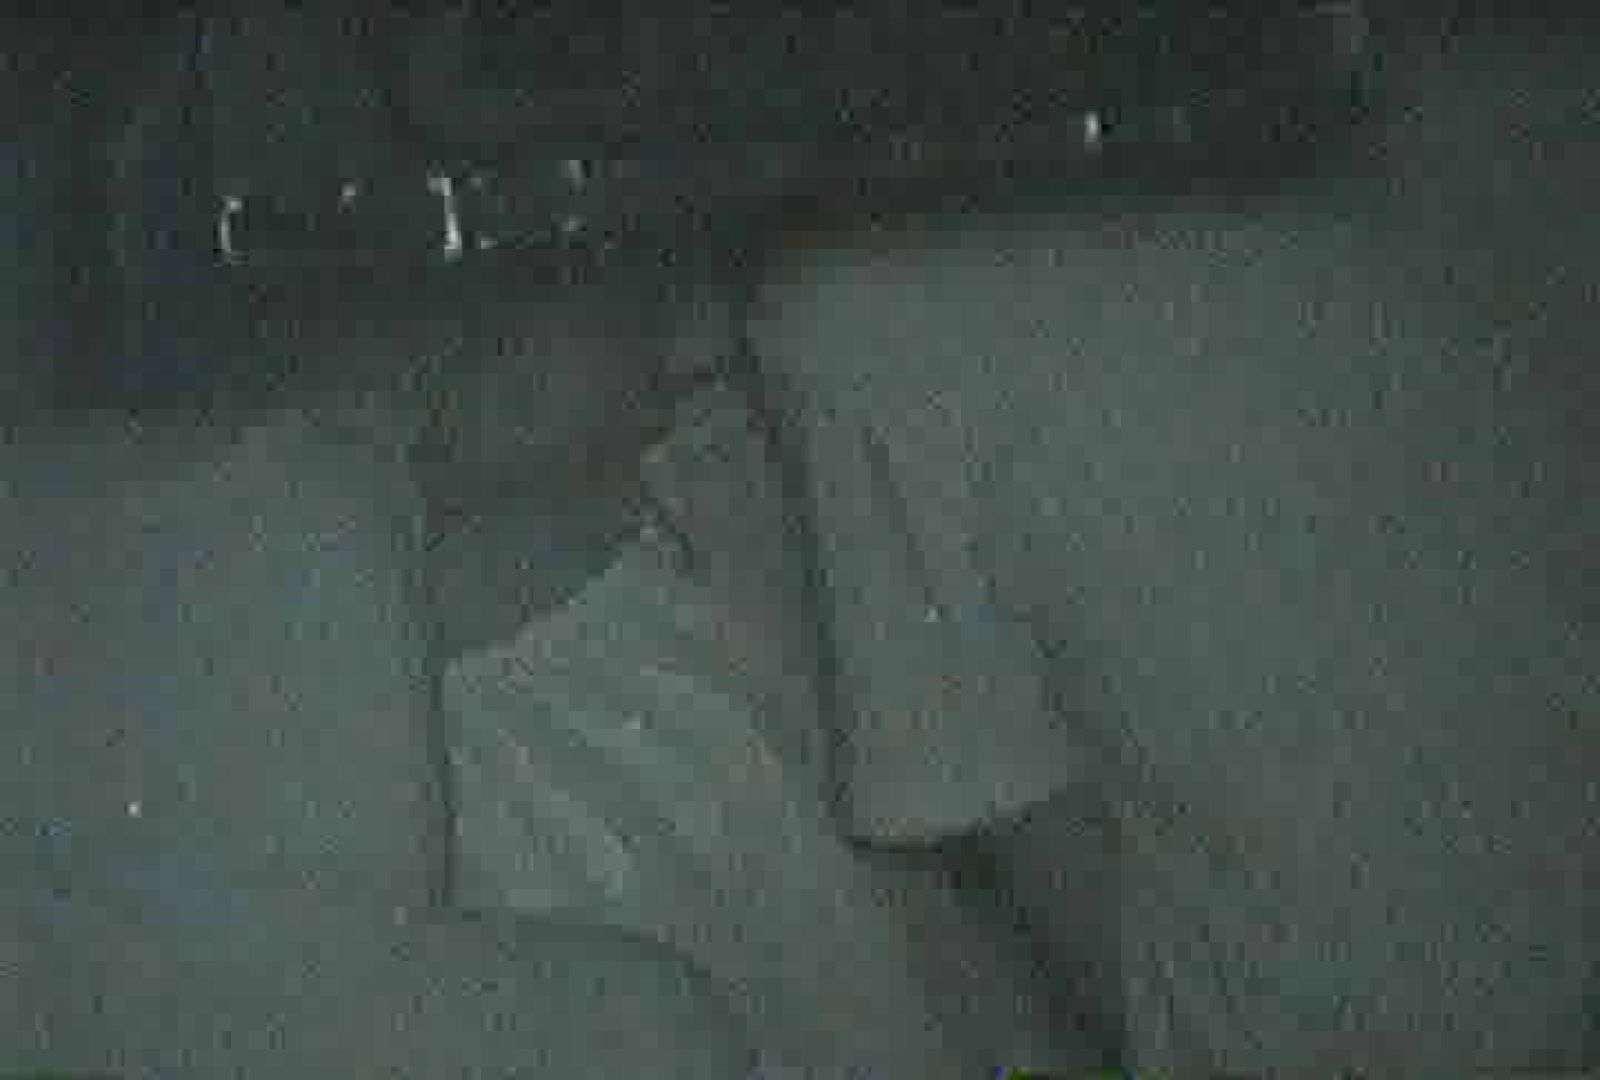 充血監督の深夜の運動会Vol.87 マンコ無修正 | OLセックス  93画像 25